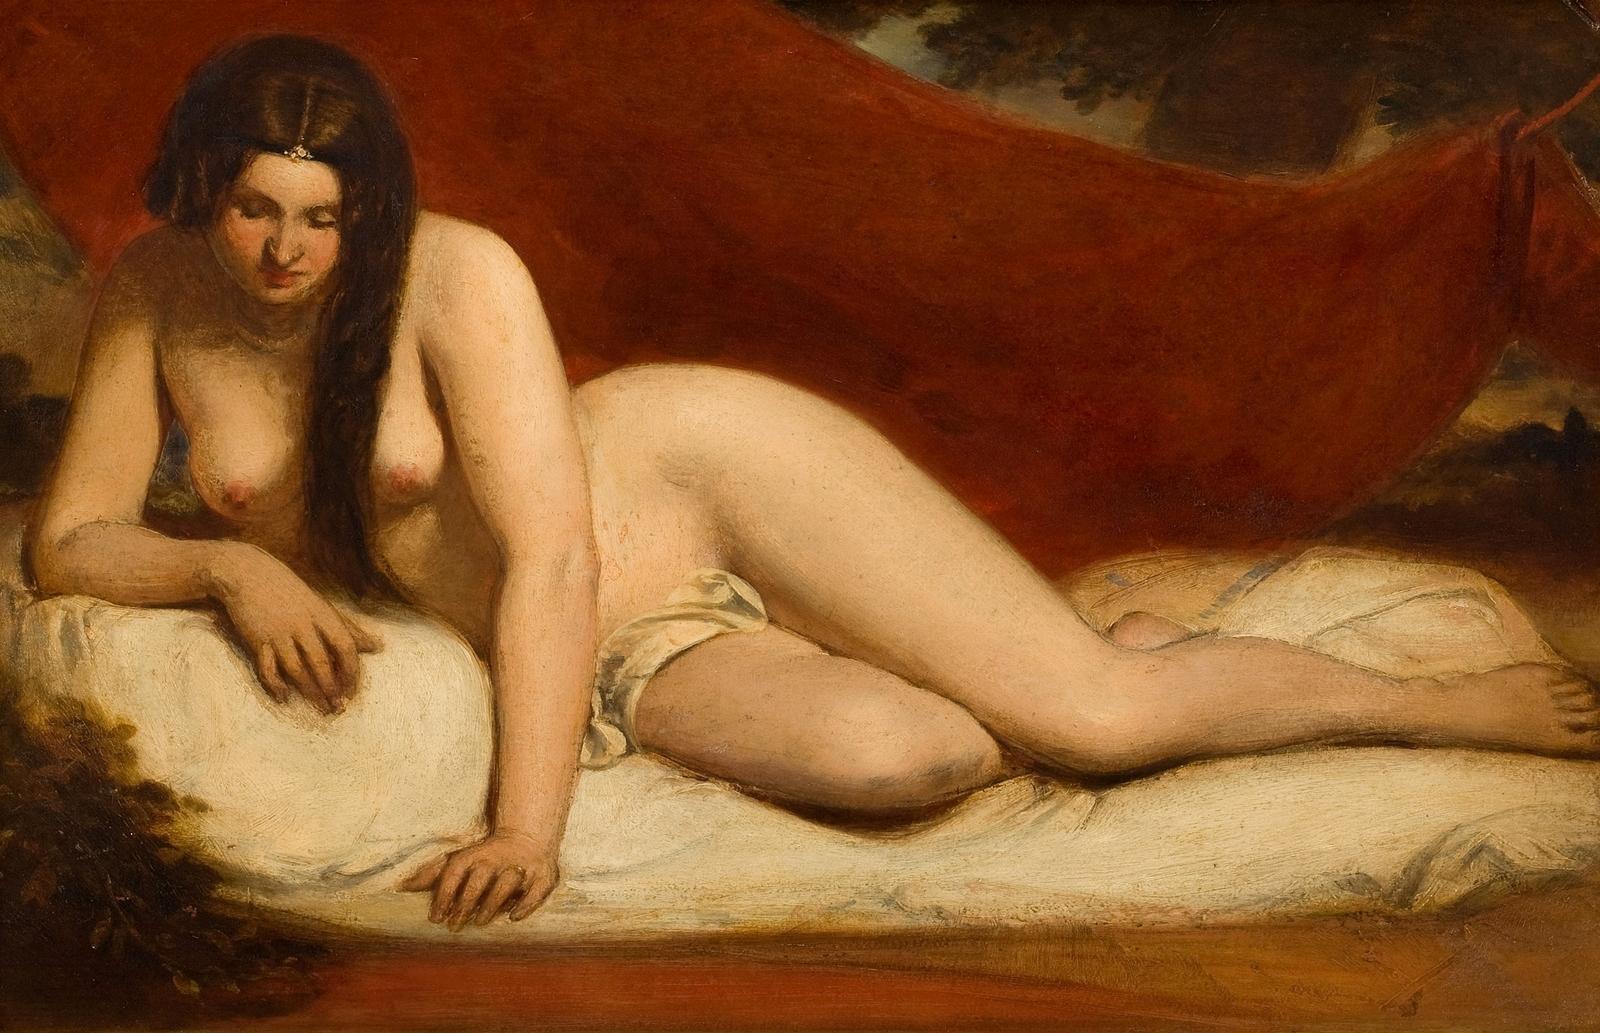 Уильям Этти. Лежащая обнаженная (Reclining Female Nude). 35.6 x 55.2. Частное собрание.